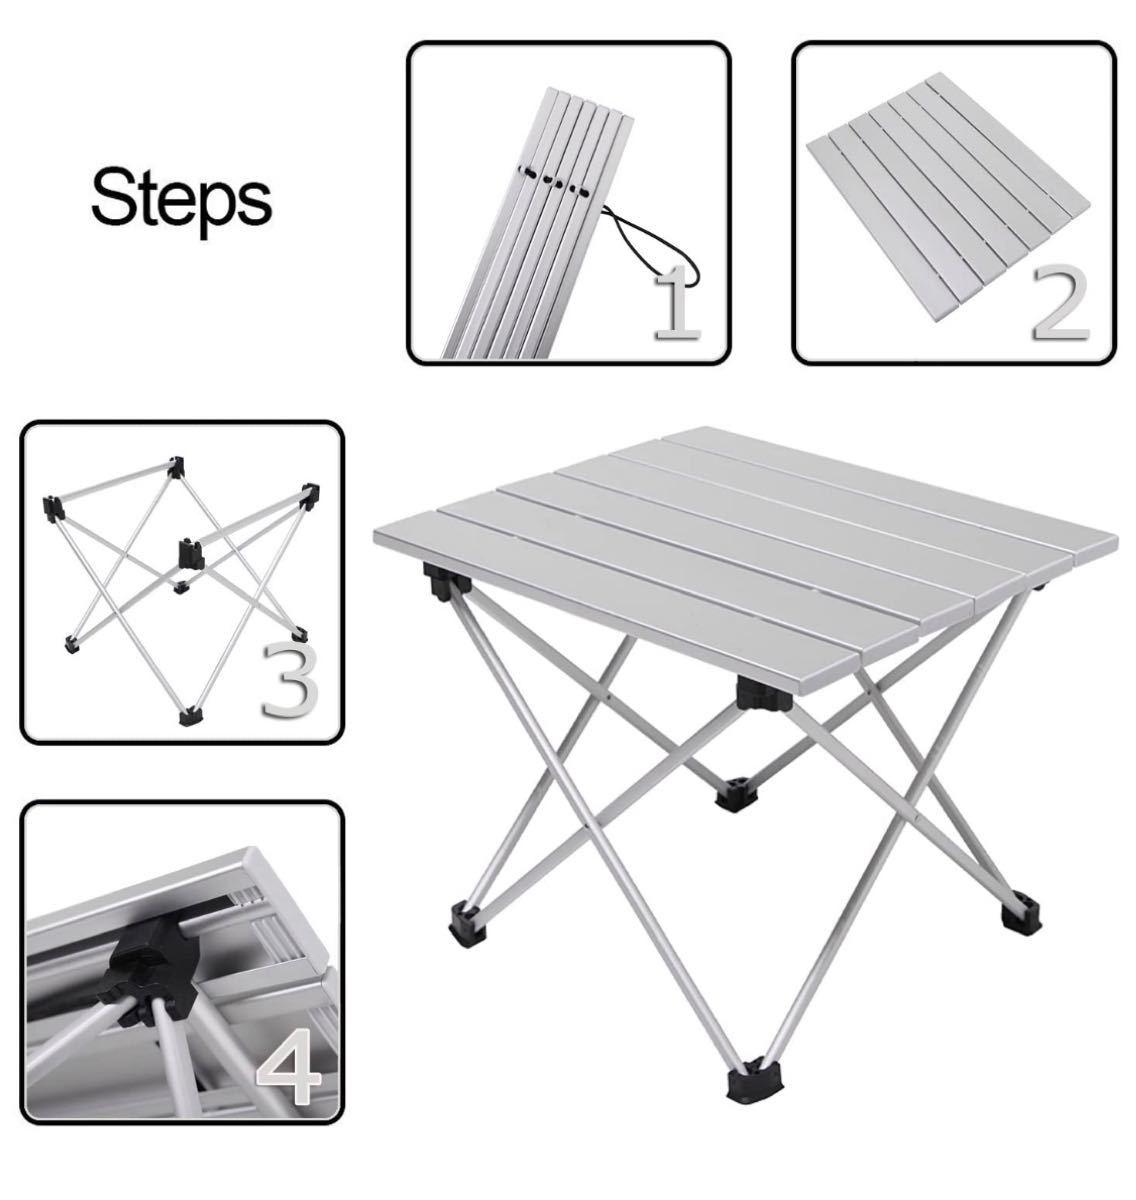 未使用 ロールテーブル キャンプ アルミ製 アウトドアテーブル 専用収納袋付